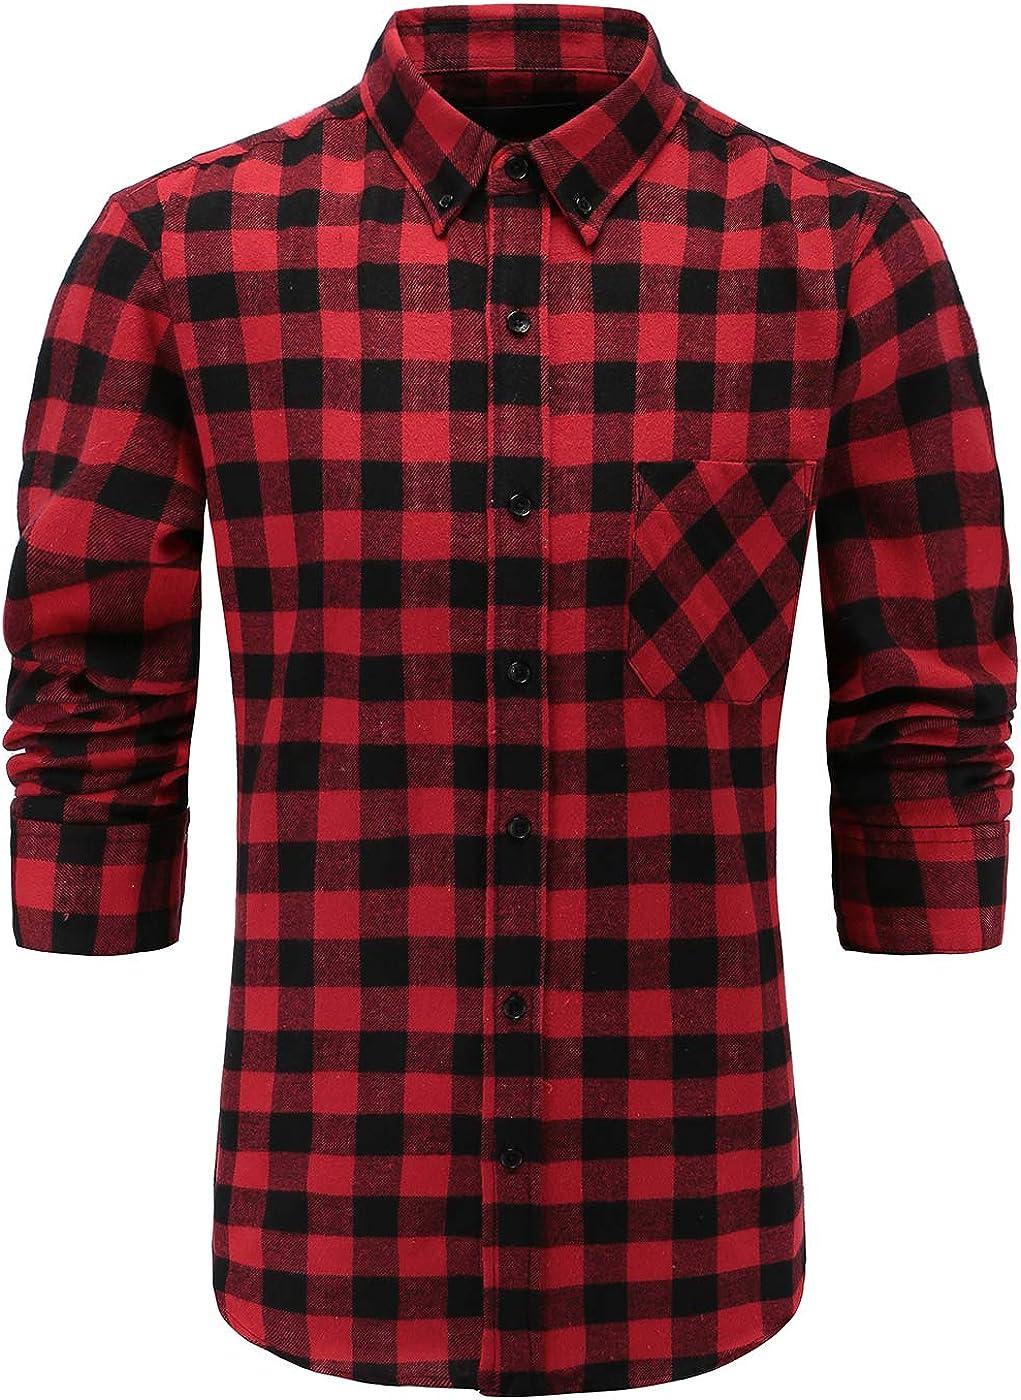 GoldCut Men's 100% Flannel Cotton Slim Fit Long Sleeve Button Down Plaid Dress Shirts